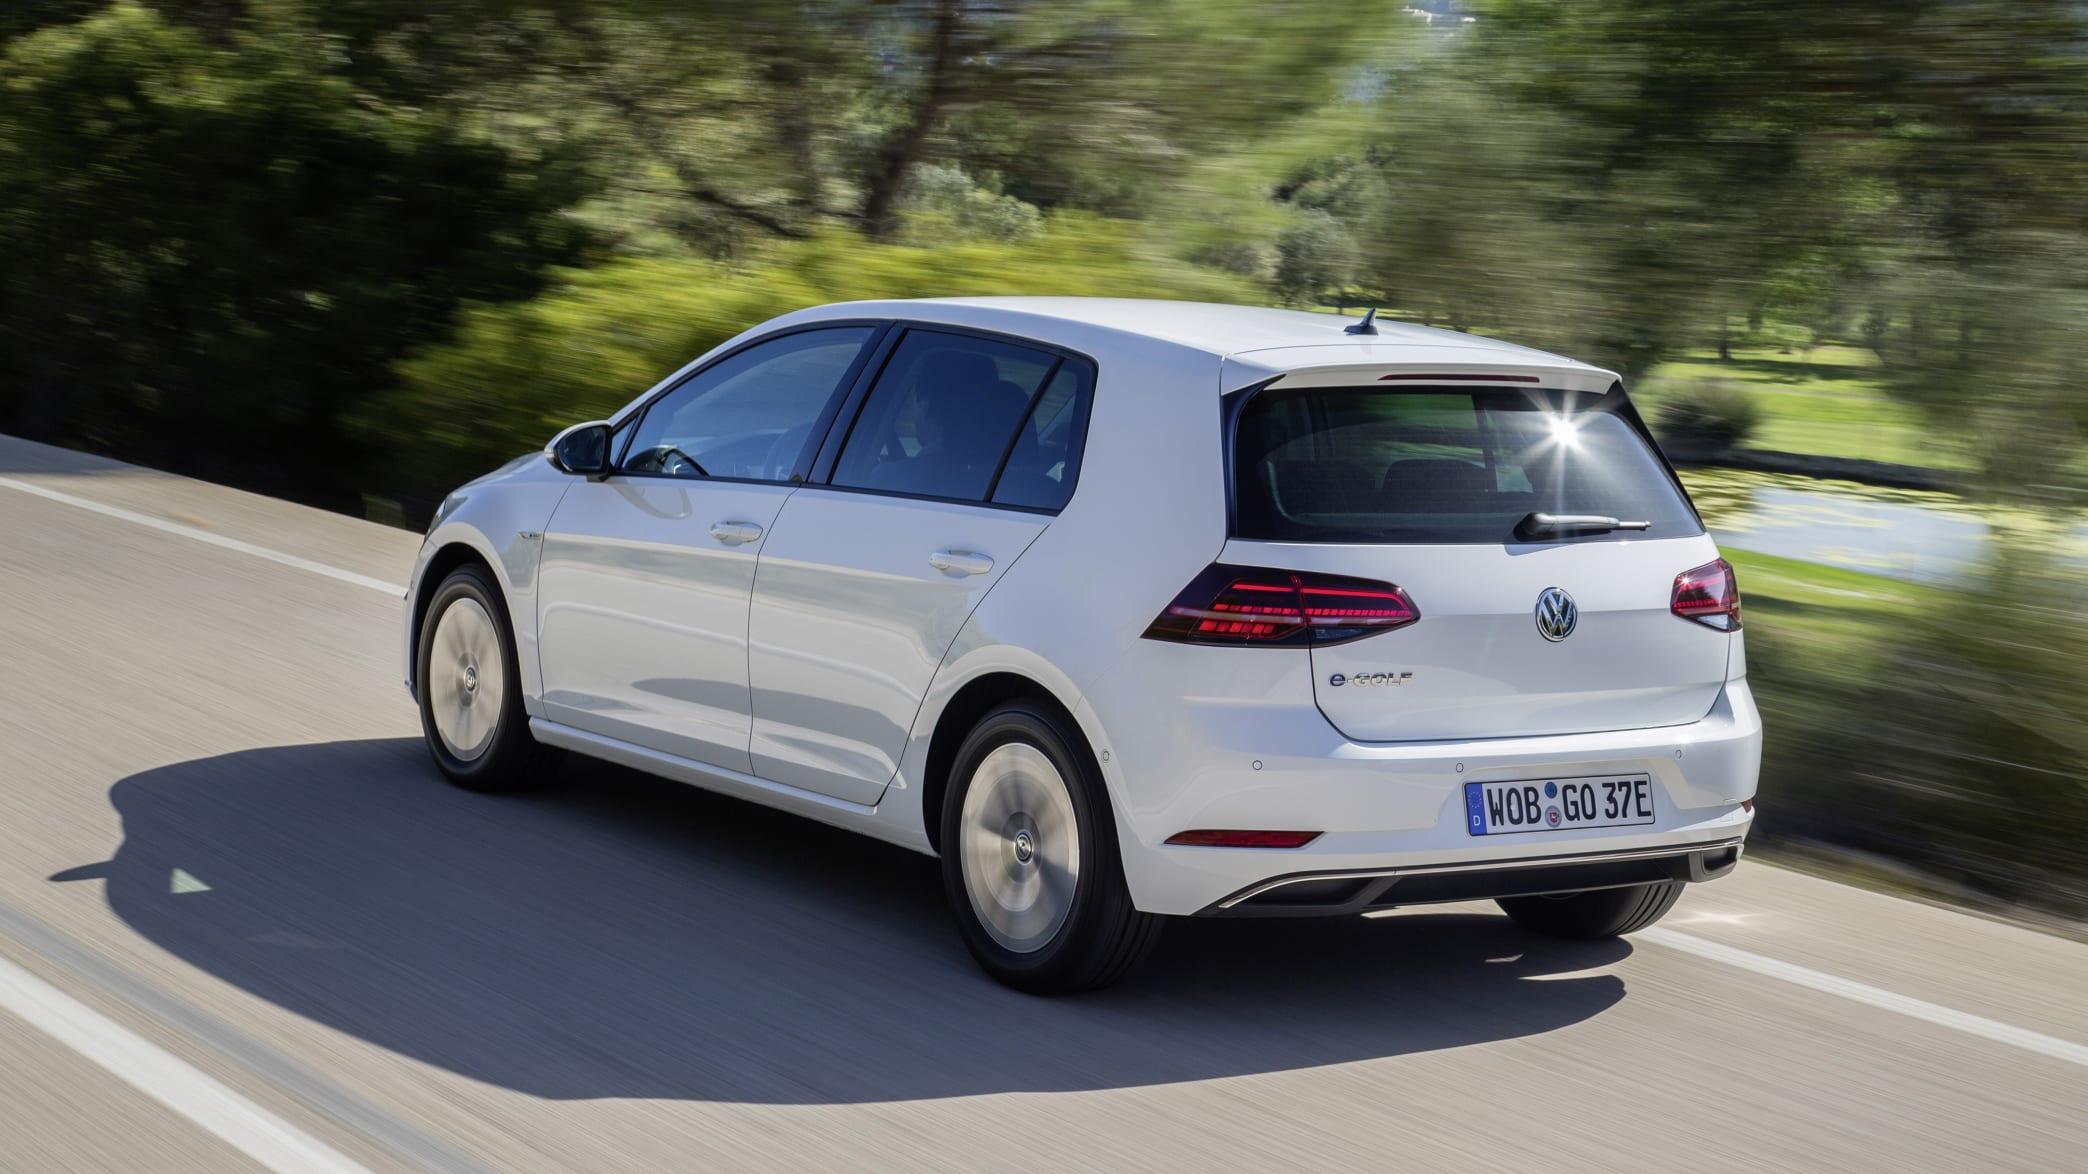 VW E-Golf fahrend auf der Straße